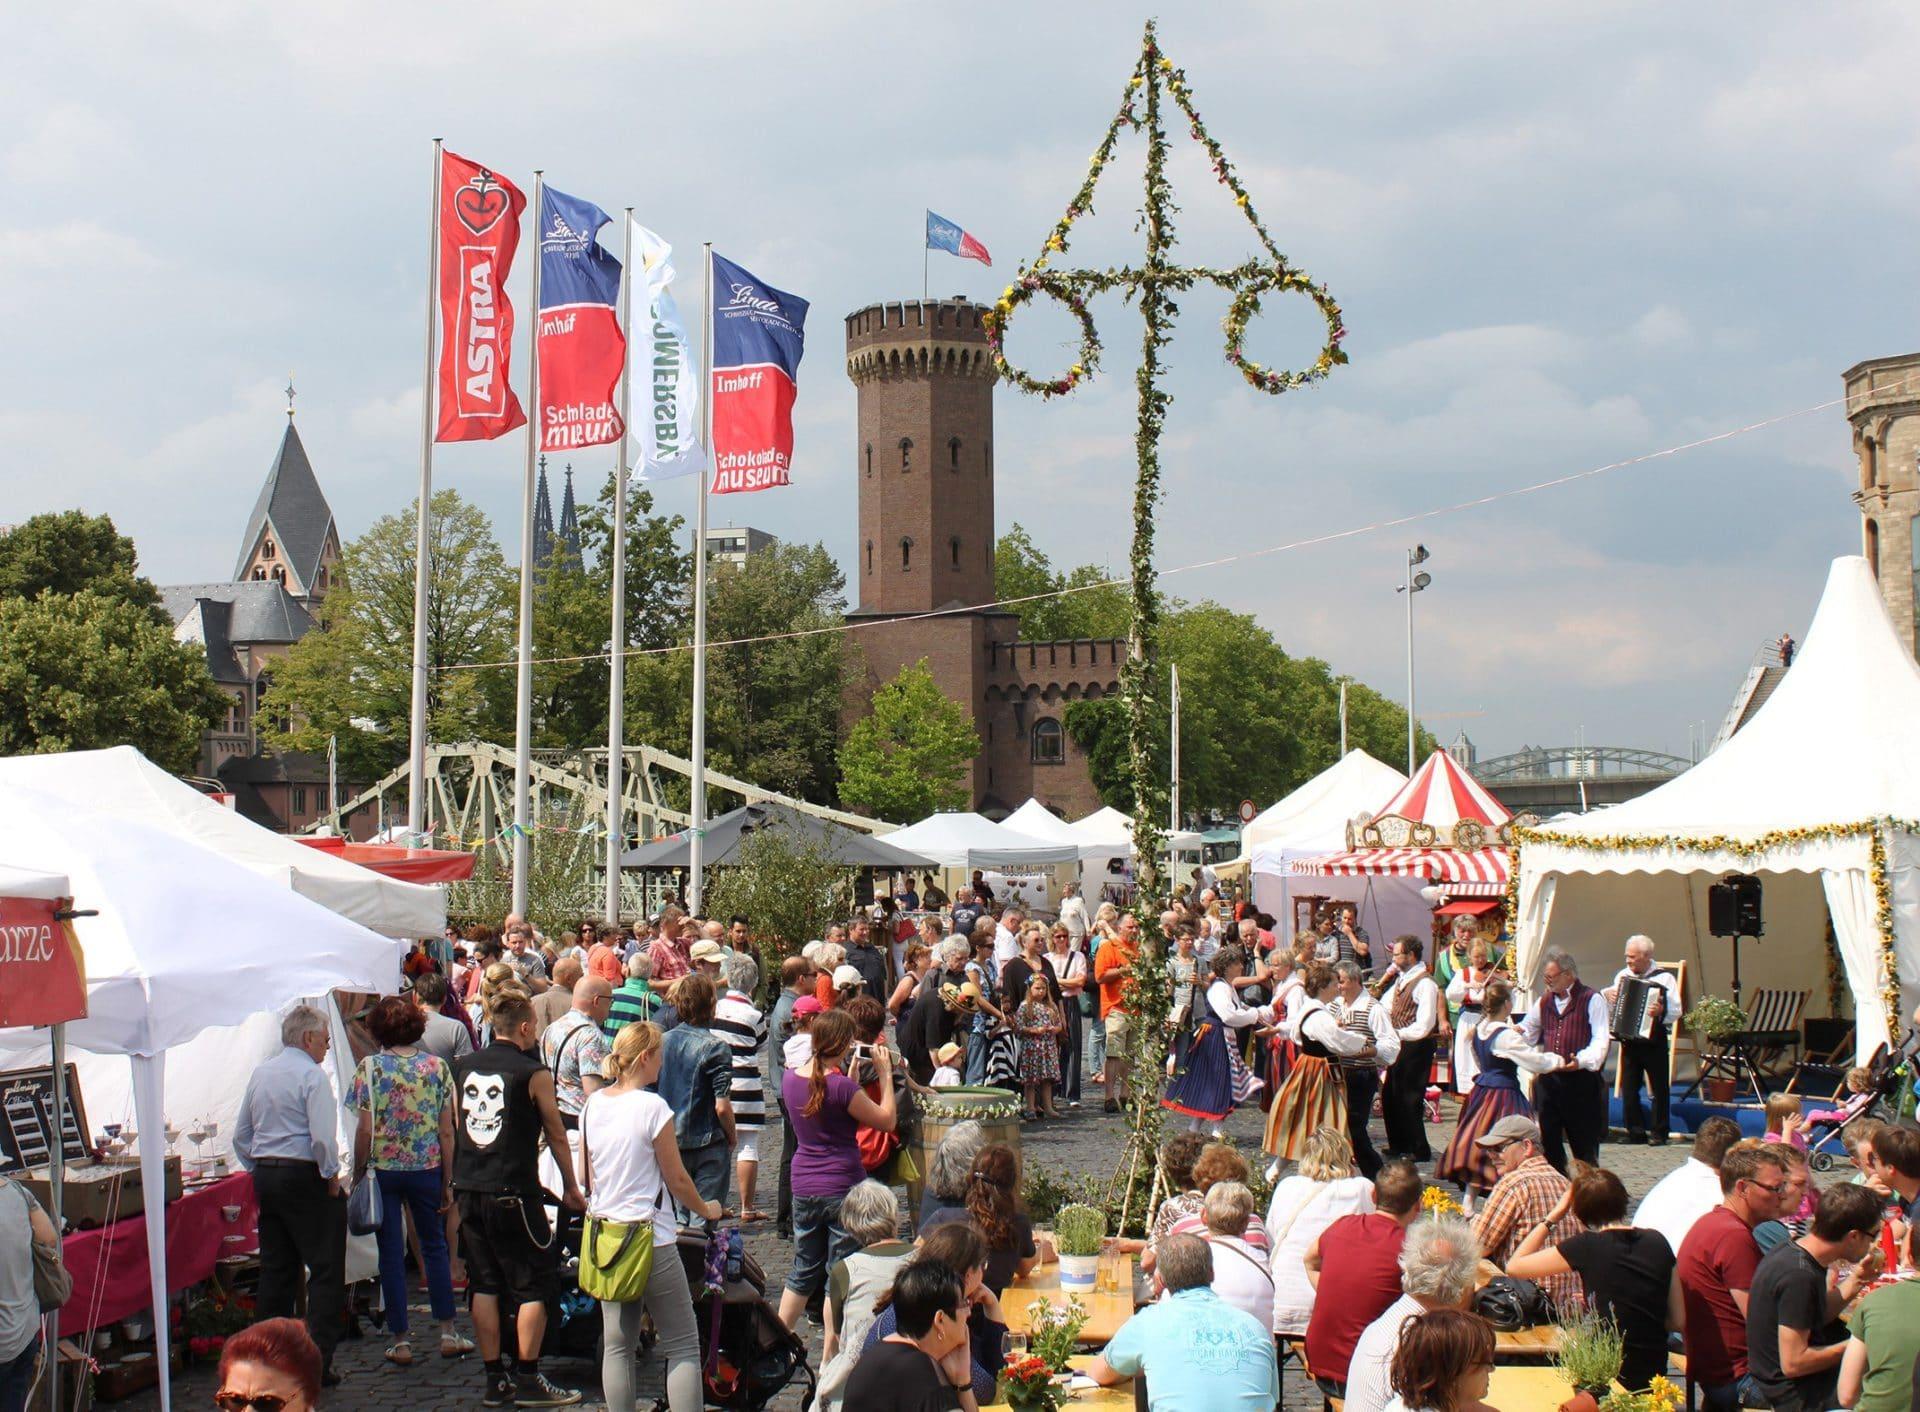 Kölner Mittsommerfest am Schokoladenmuseum im Rheinauhafen vom 15.6. bis 18.6.2017 - copyright: www.mittsommerfest-koeln.de